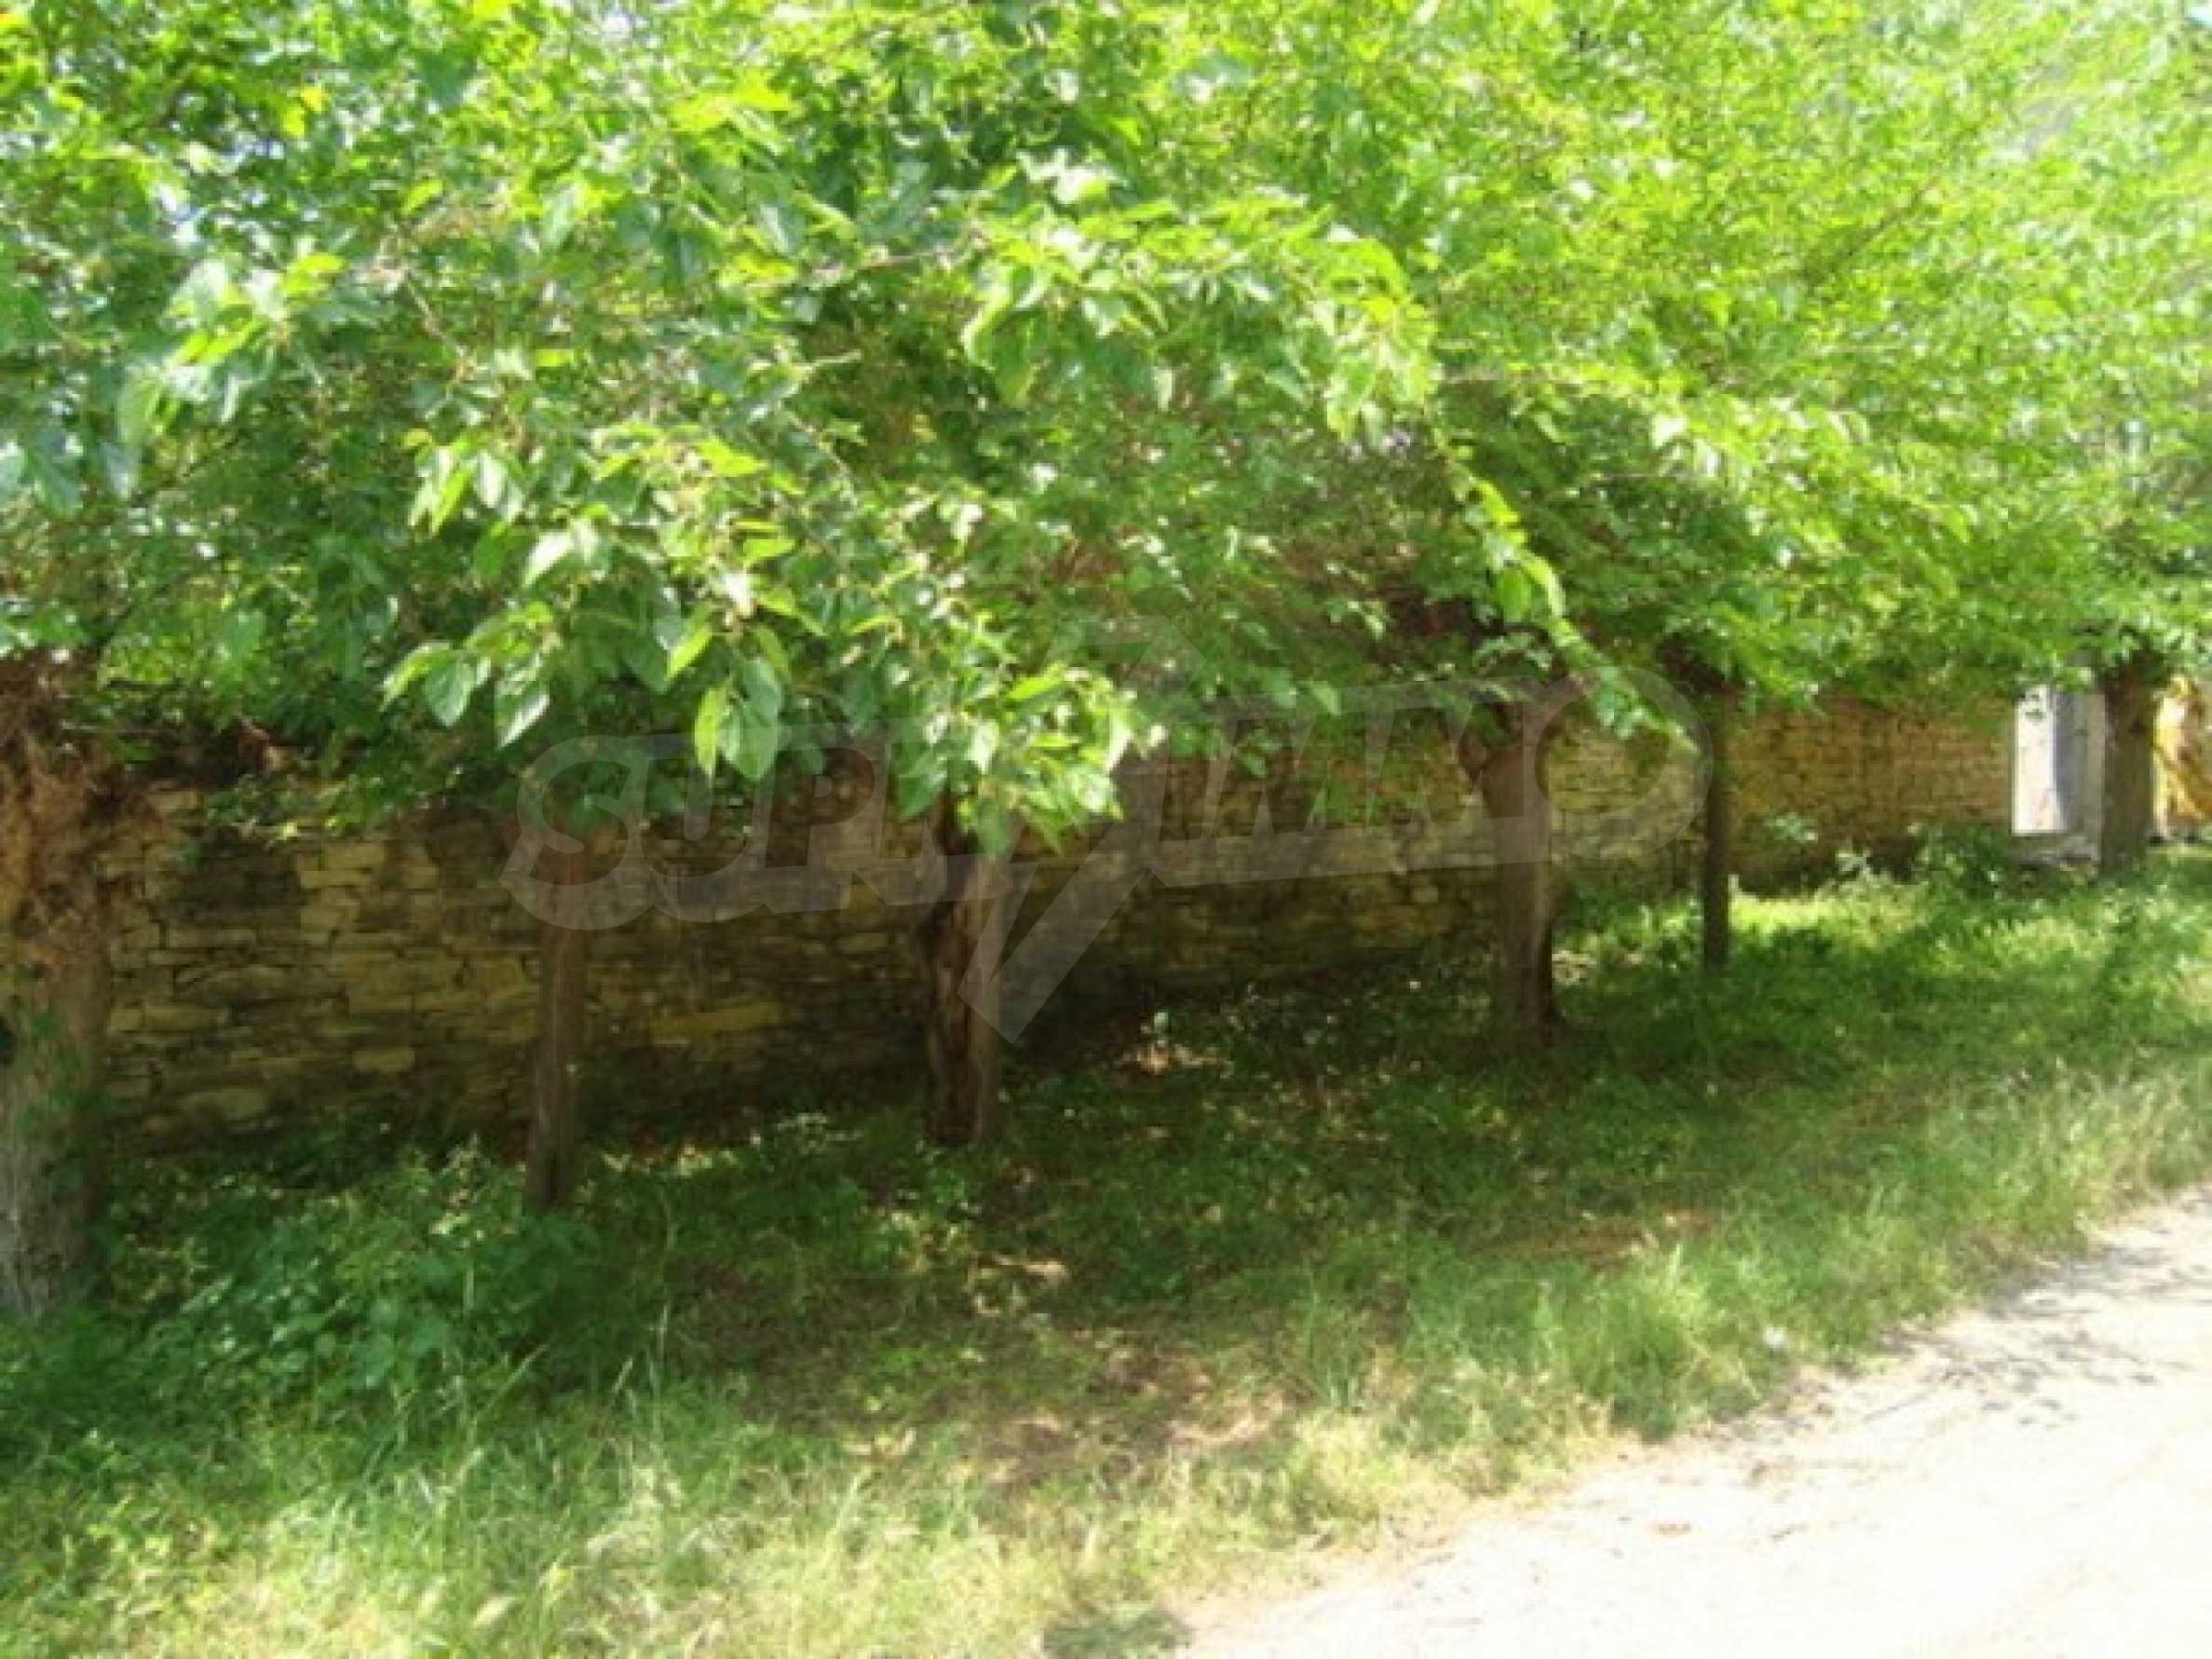 House in the village of Gorna Lipnica, Veliko Tarnovo 28